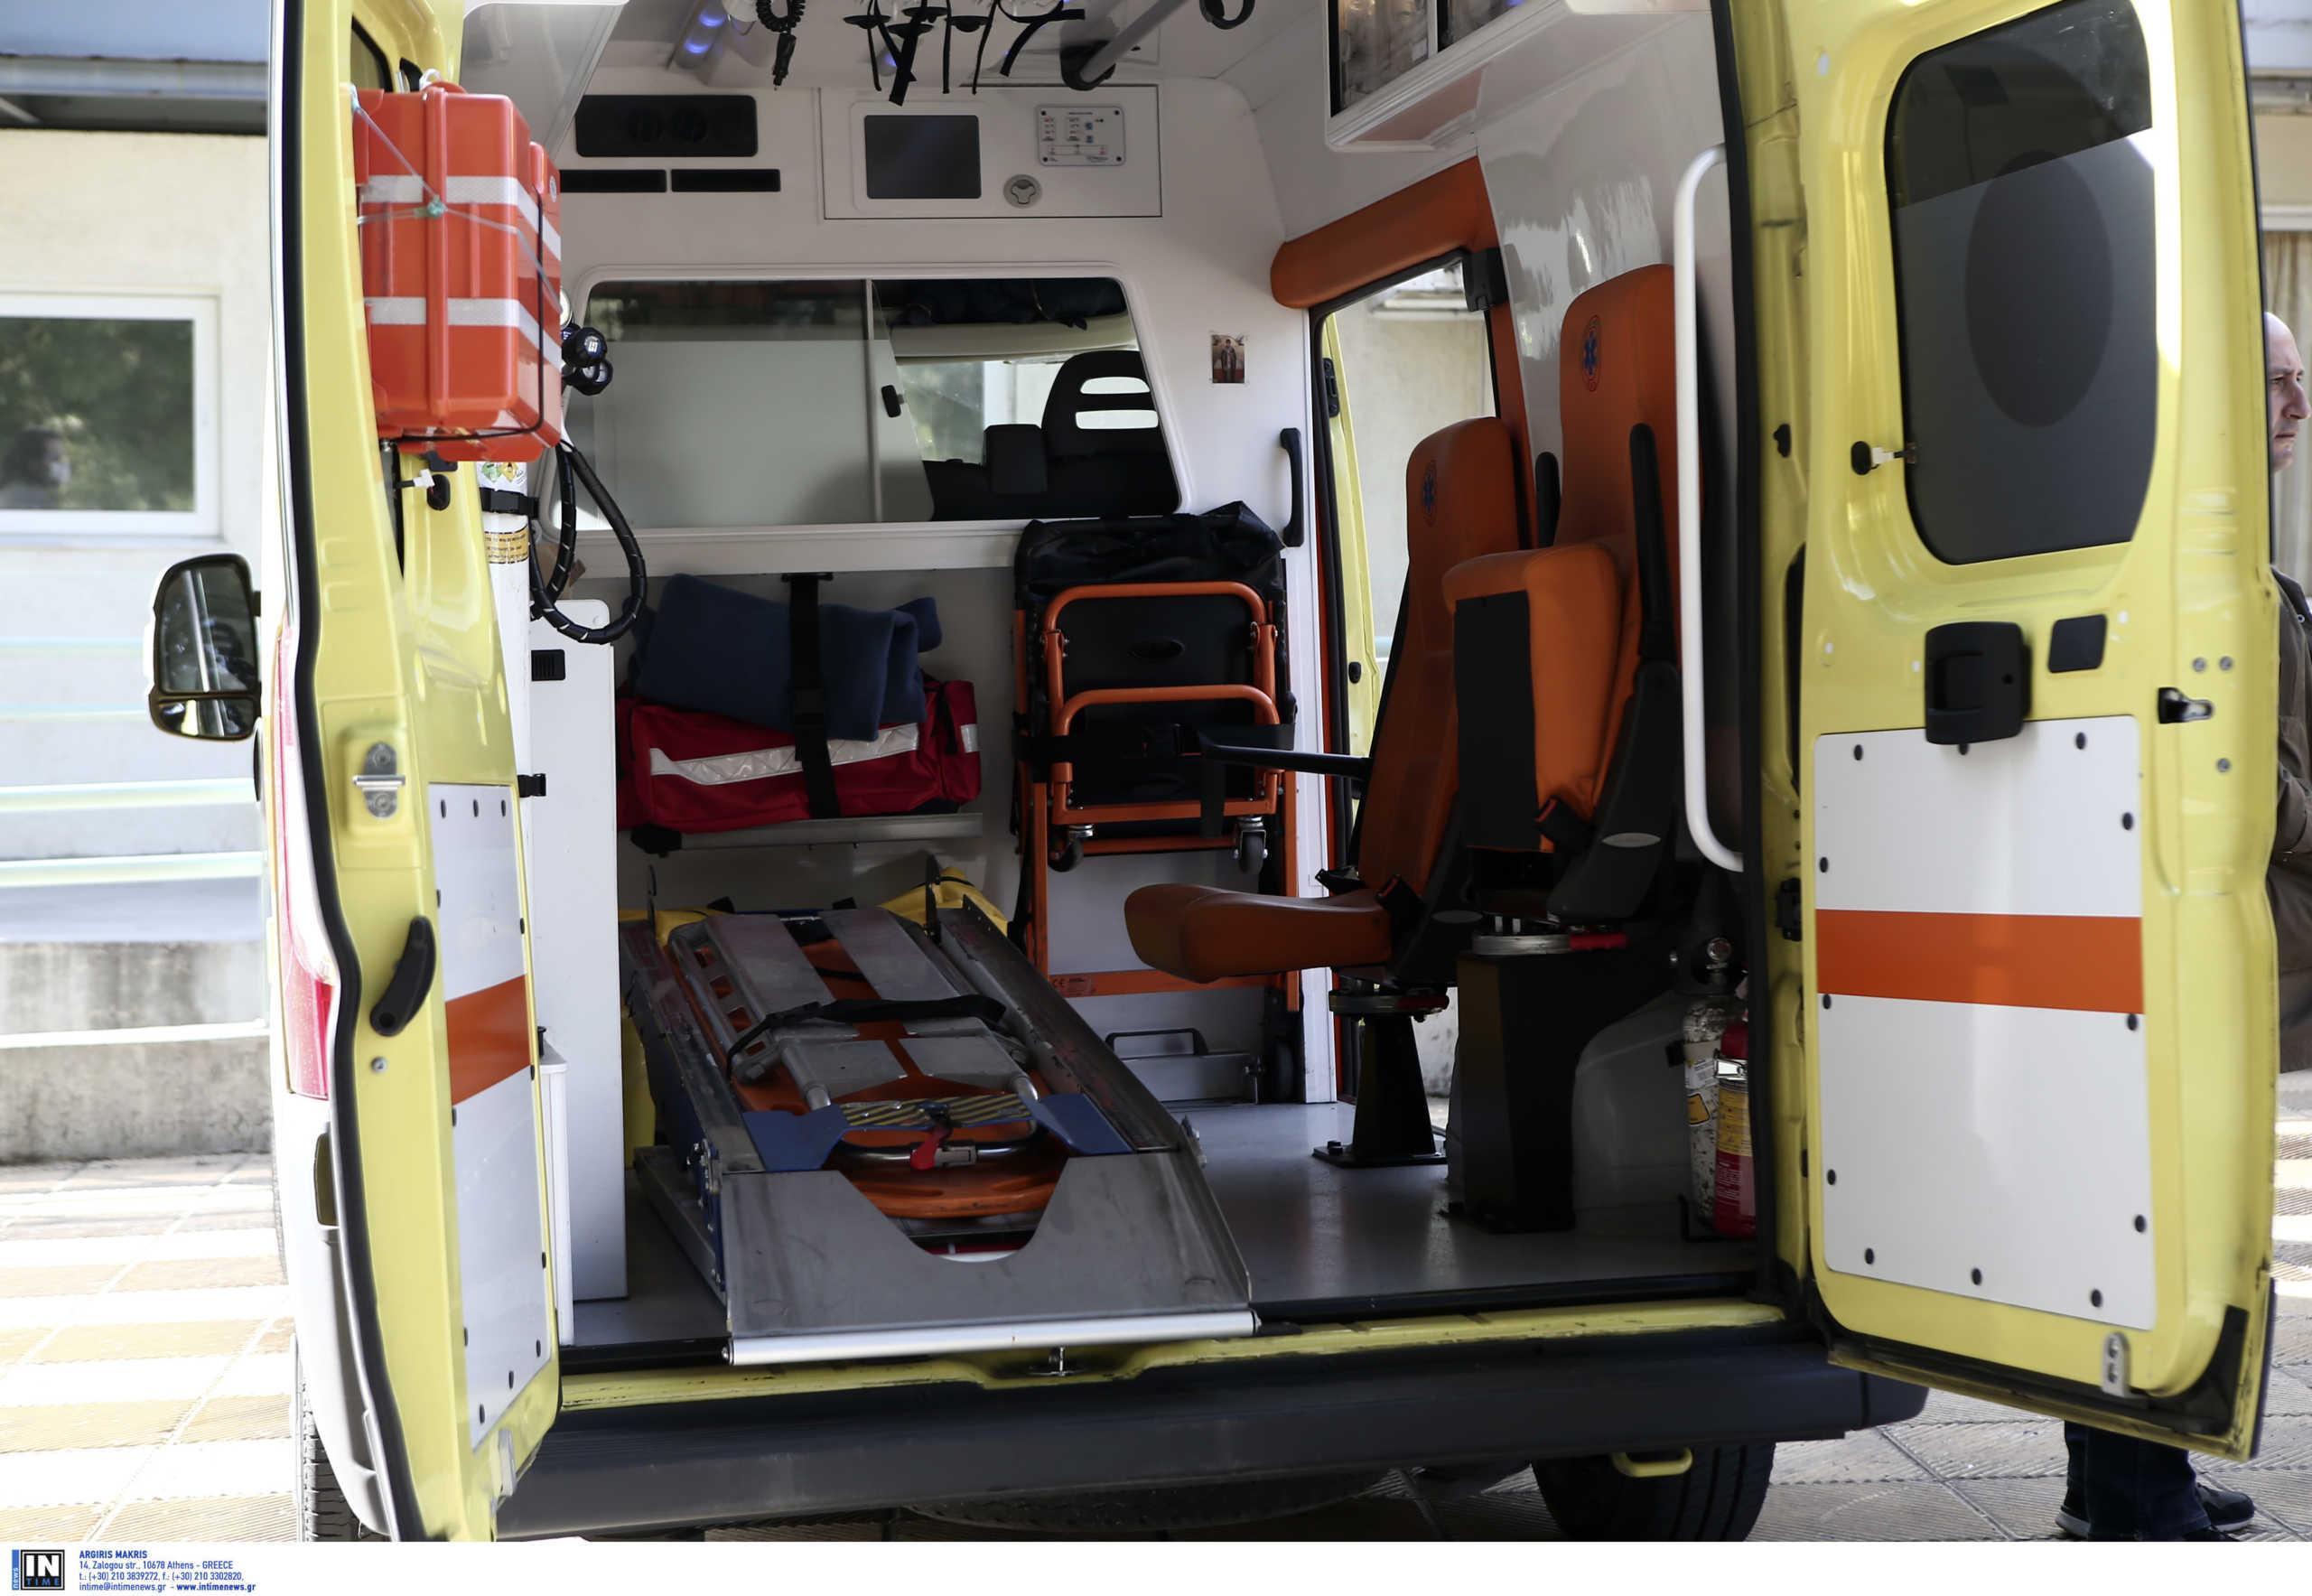 Βόλος: Σκότωσαν στο ξύλο την Χρυσούλα Σπαθούλα! Ξεσπούν οι συγγενείς της μετά τη σύλληψη του δολοφόνου